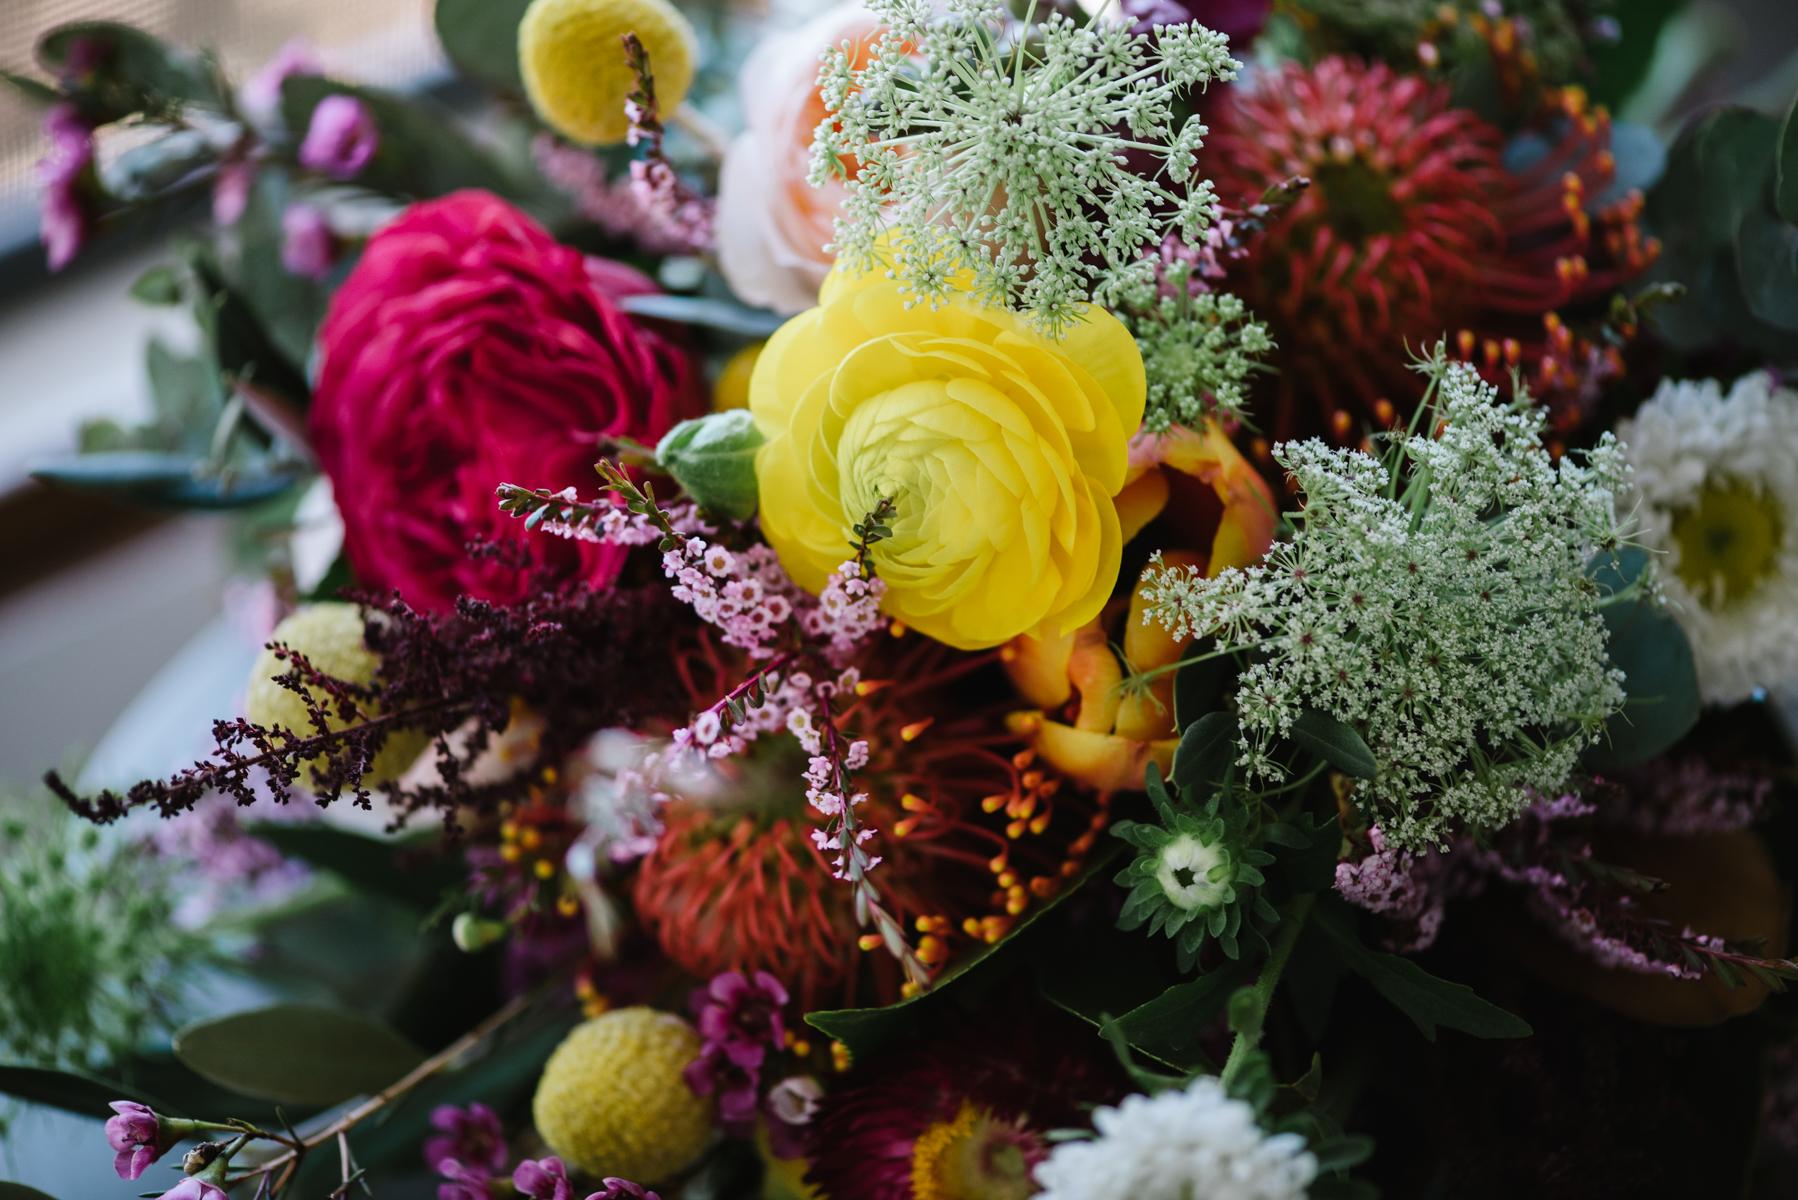 sarahandBenwedding- skyla sage photography weddings, families, byron bay,tweed coast,kingscliff,cabarita,gold coast-101.jpg